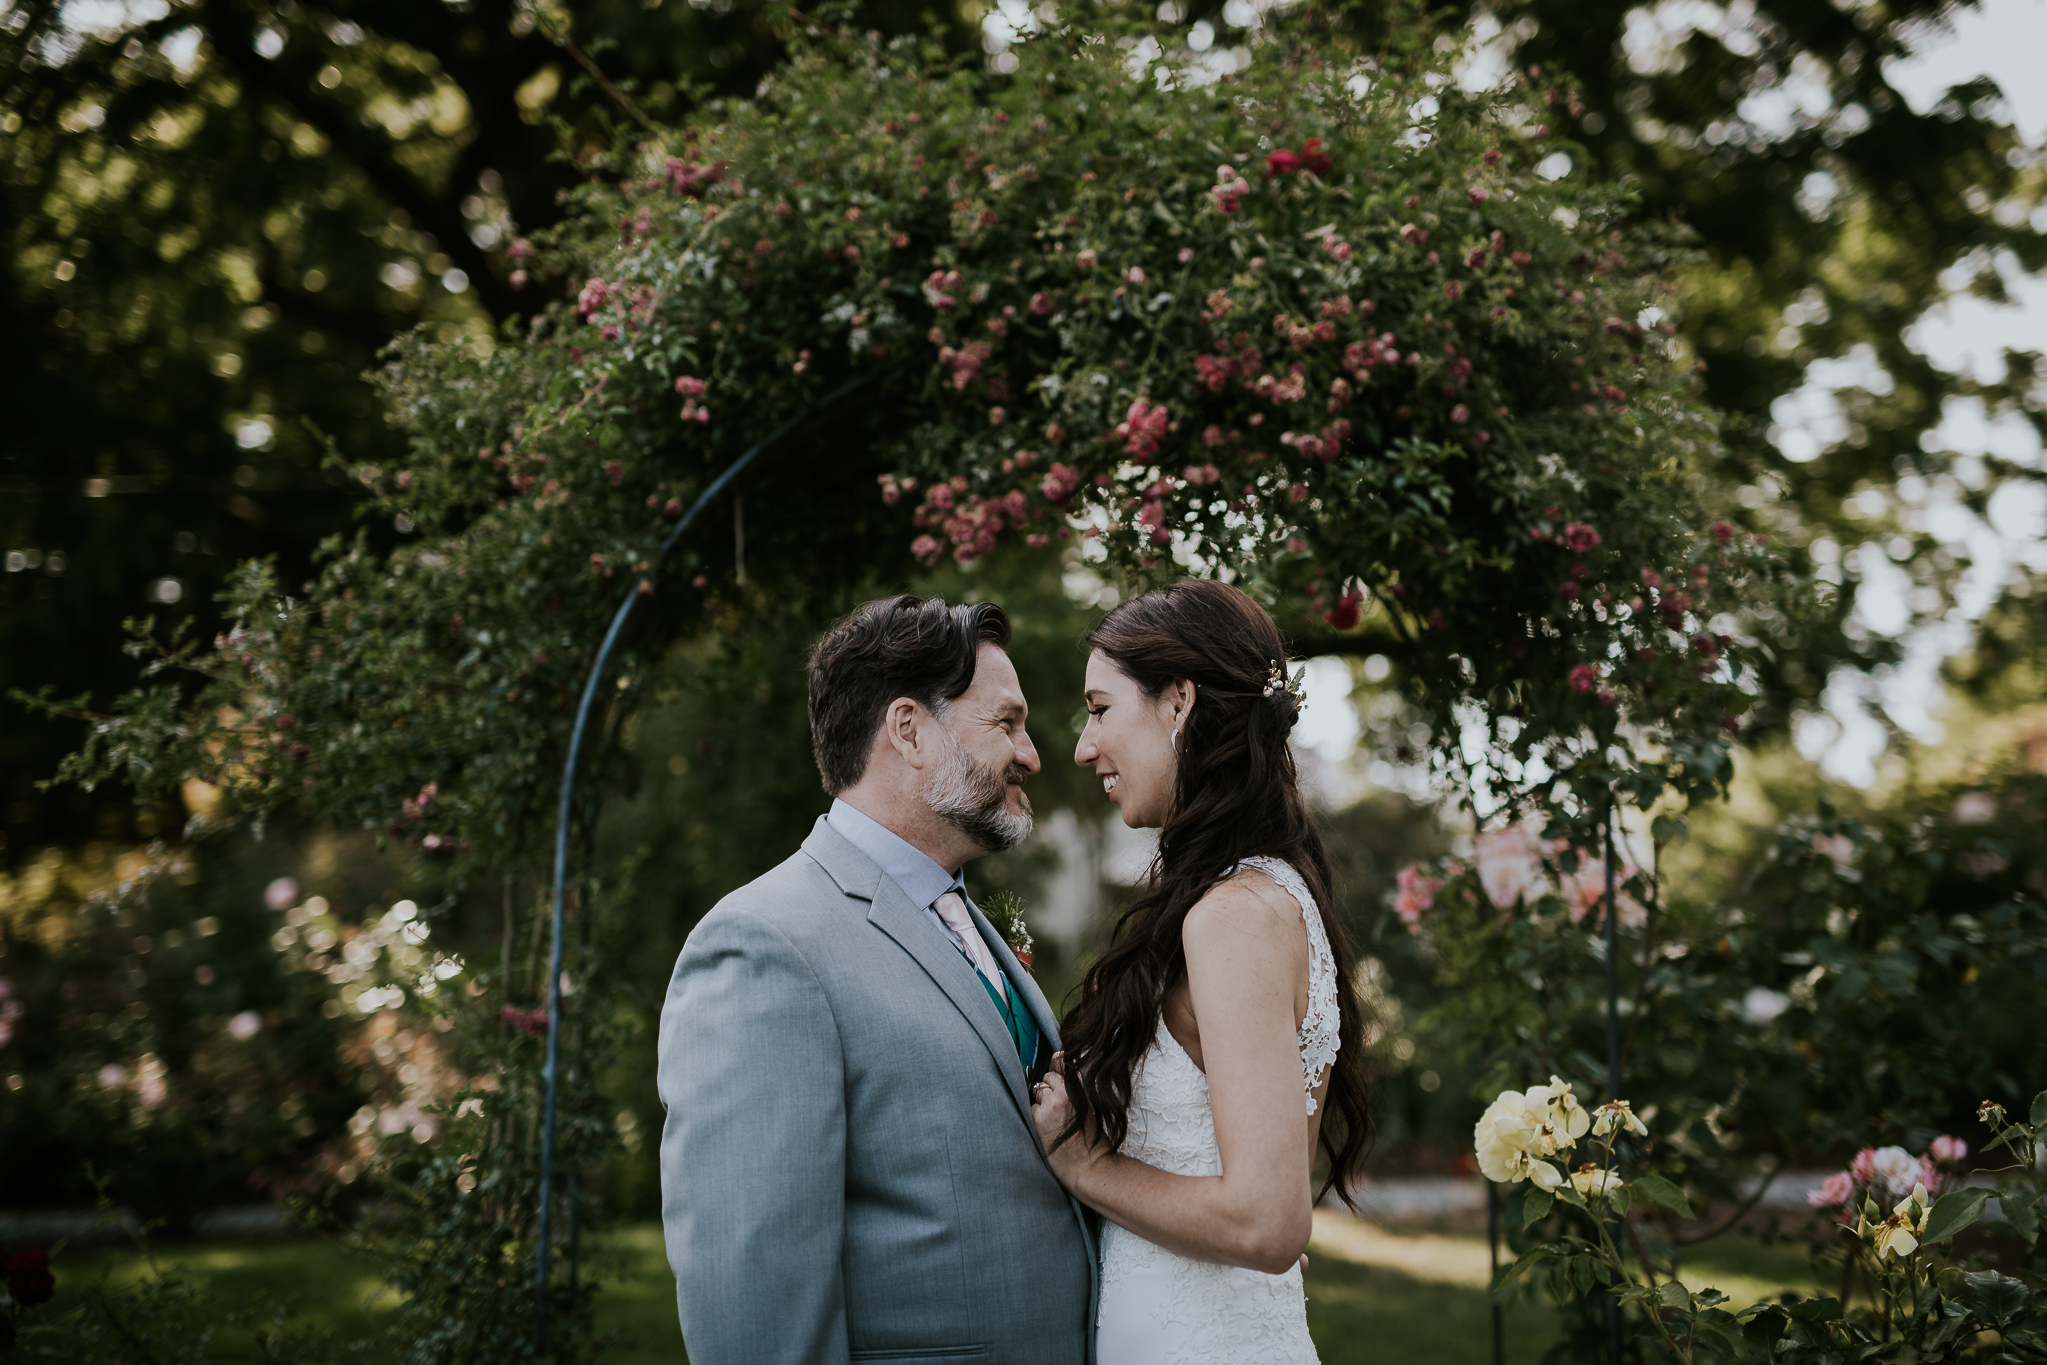 20170819-vancouver-island-elopement-photographer-Jen and Ken-0165.jpg